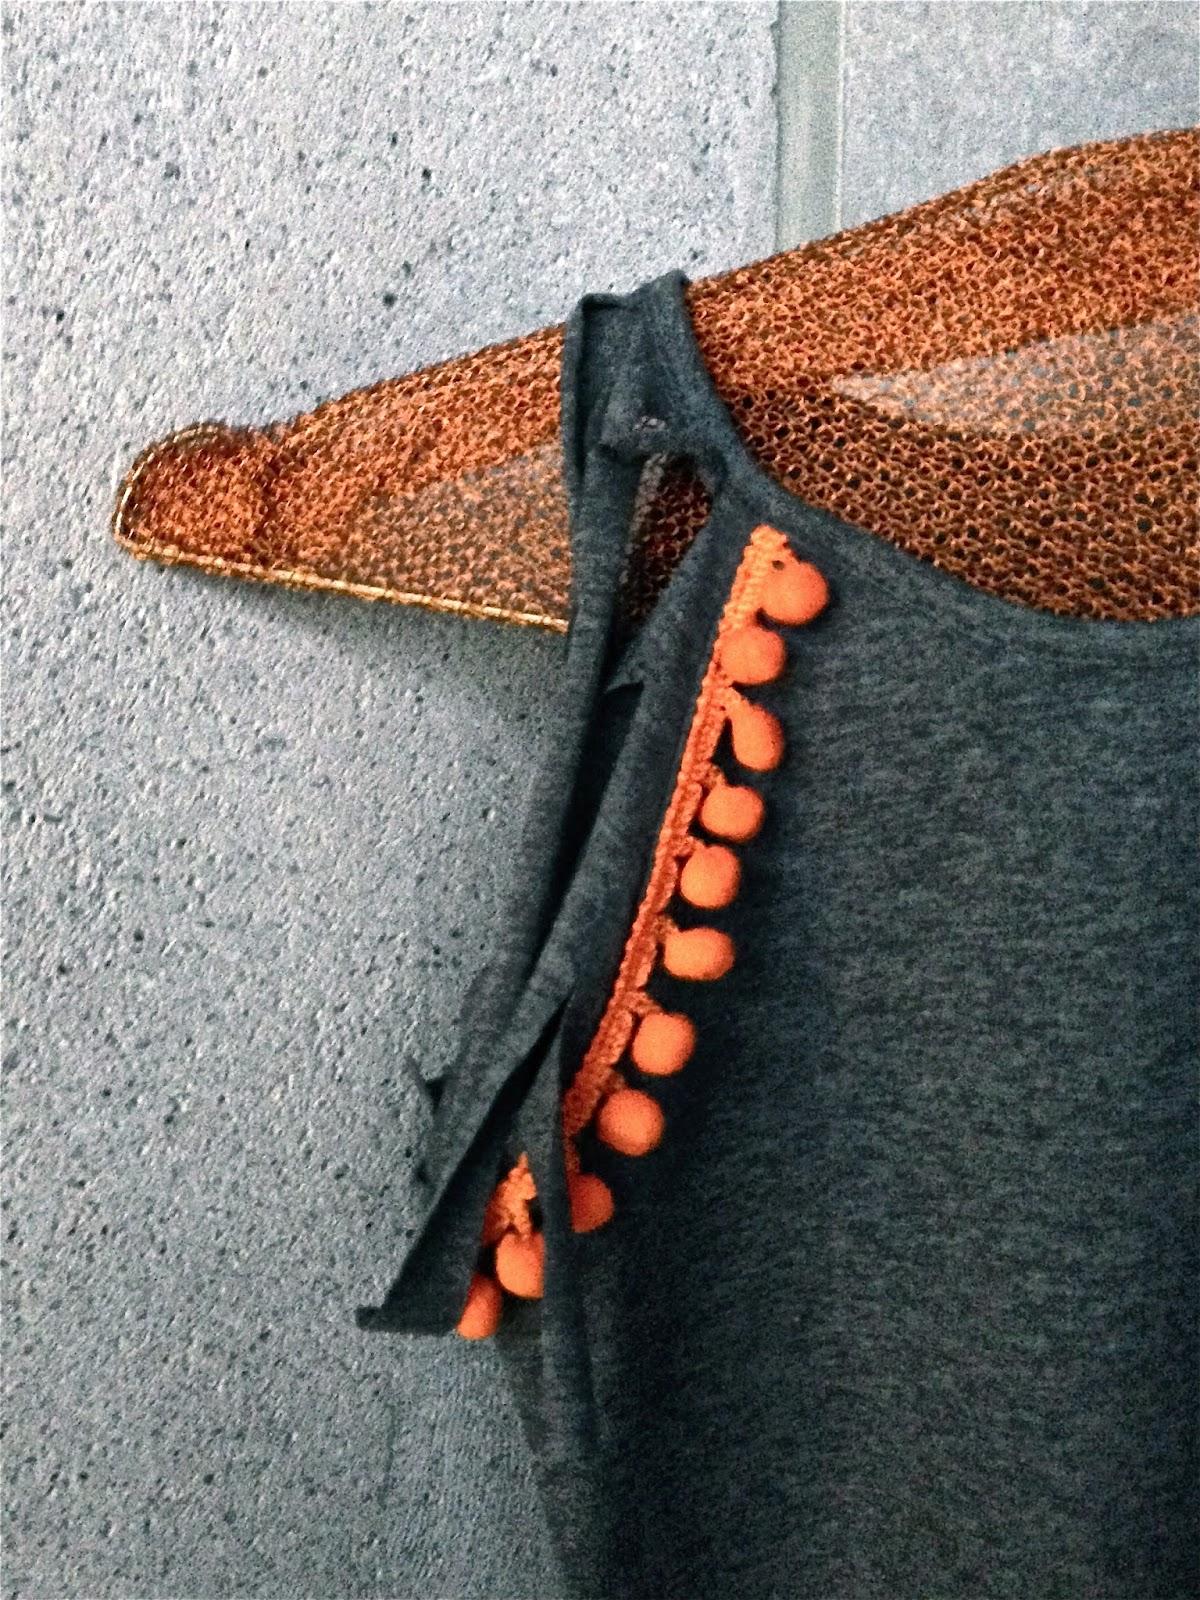 Vimma, Vimma Company, Vimmacompany, Designed in Finland, Finnish Design, Kidsclothes, Lastenvaatteet, Marjut Rahkola, Pompulatoppi, Barnkläder, SS15